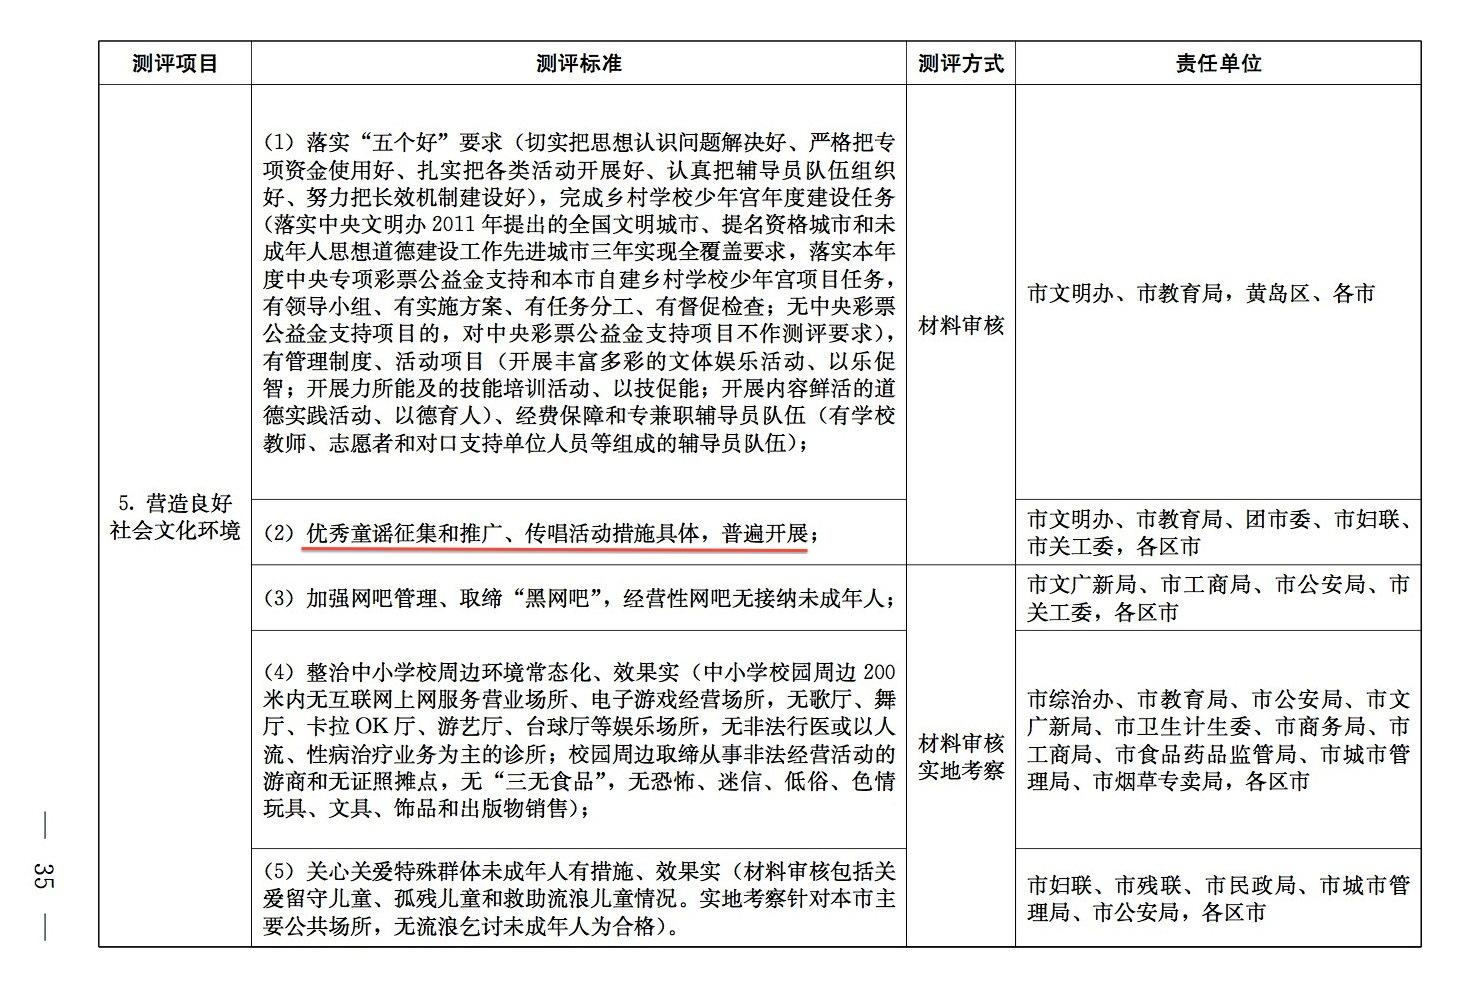 青岛市未成年人思想道德建设工作测评分工3-1